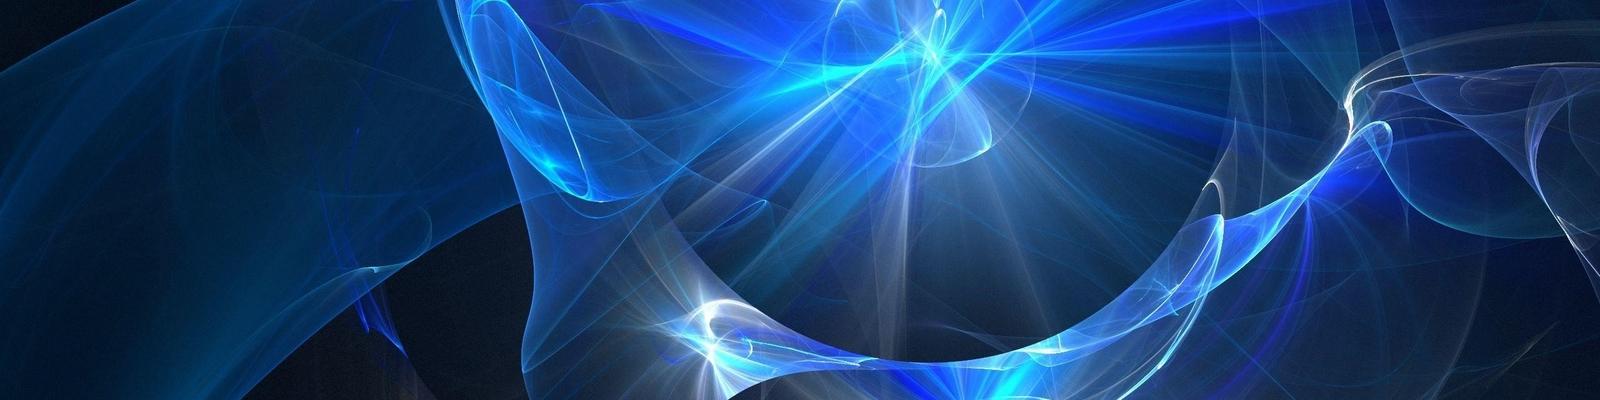 bleu6